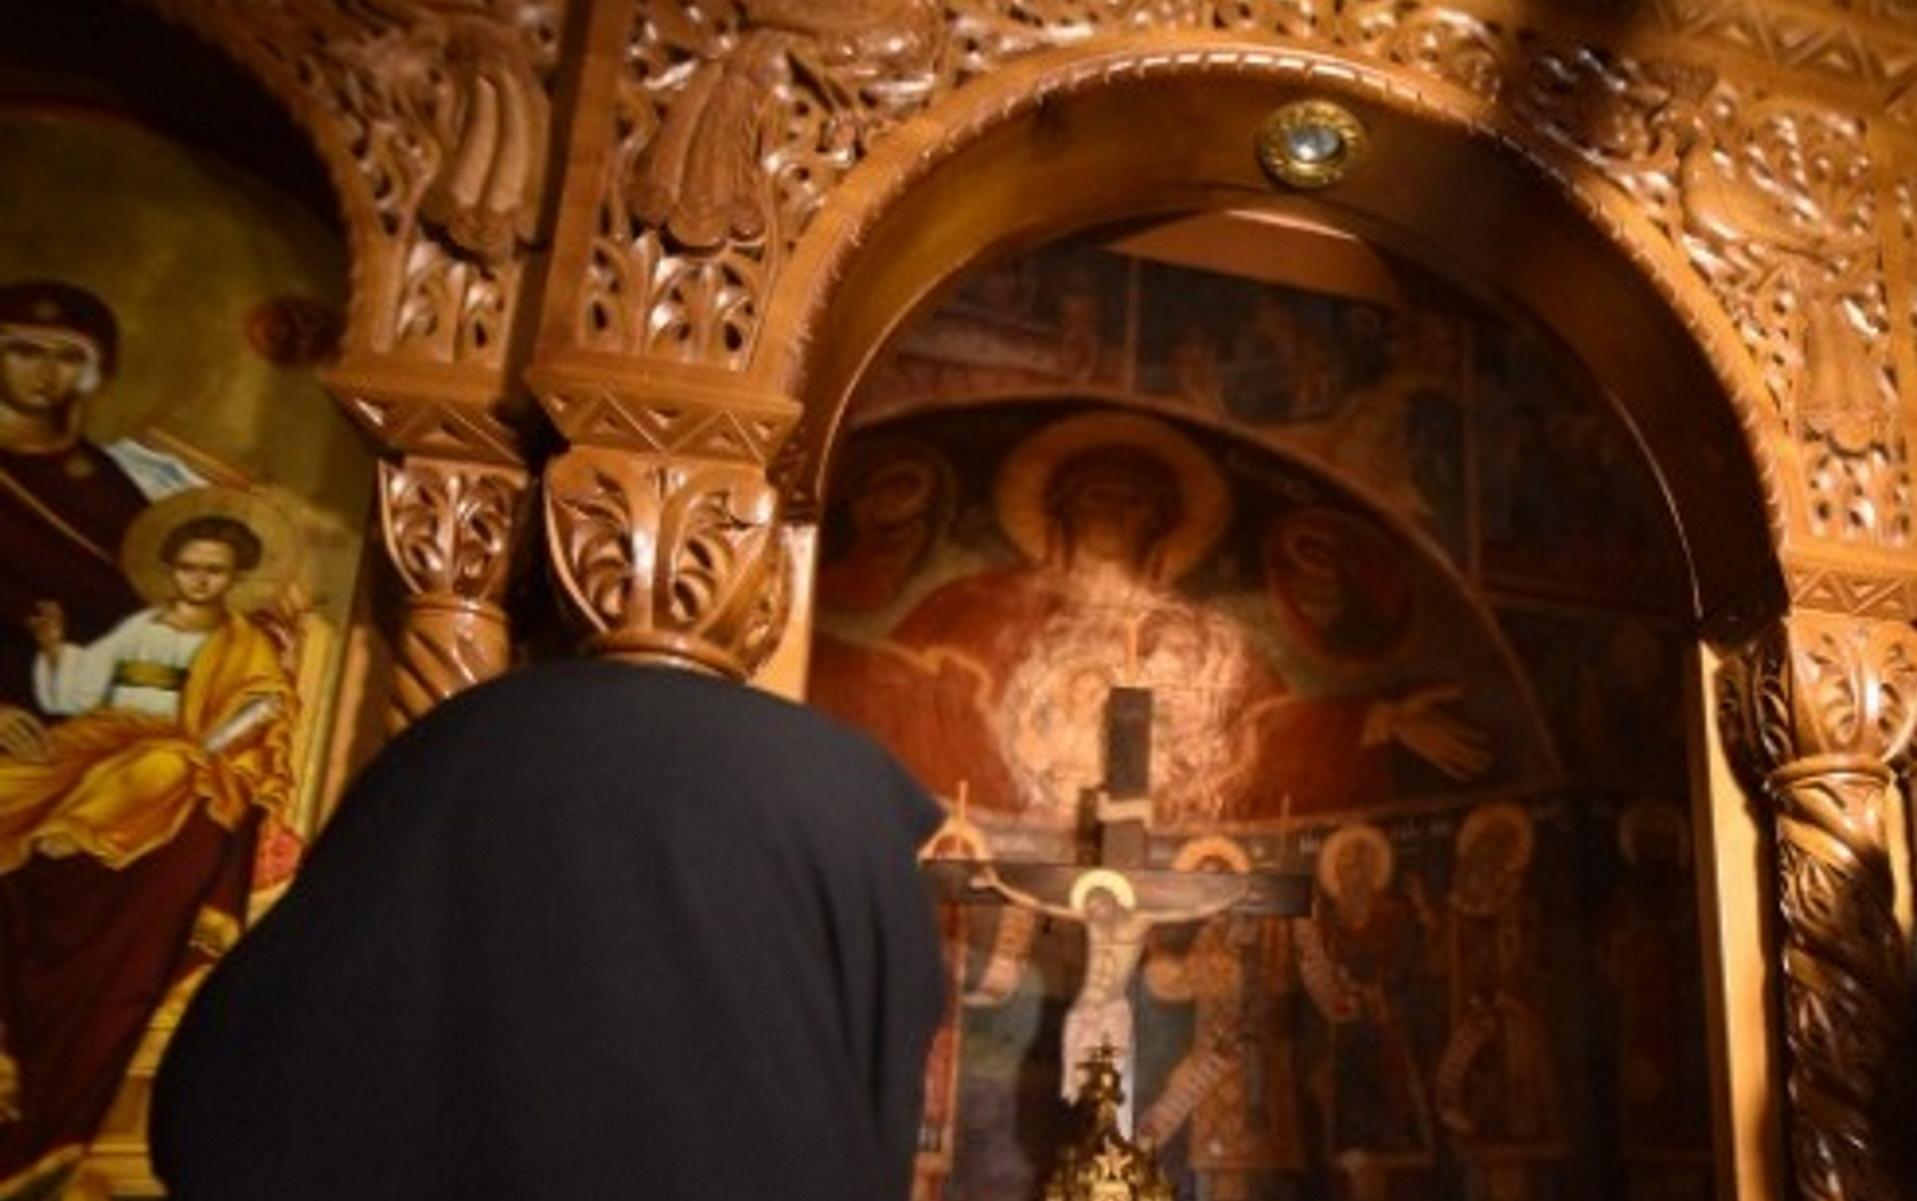 Κορονοϊός – Ηράκλειο: «Σφραγίζεται» μοναστήρι μετά από κρούσματα – «Ο ιός είναι εδώ δυστυχώς»